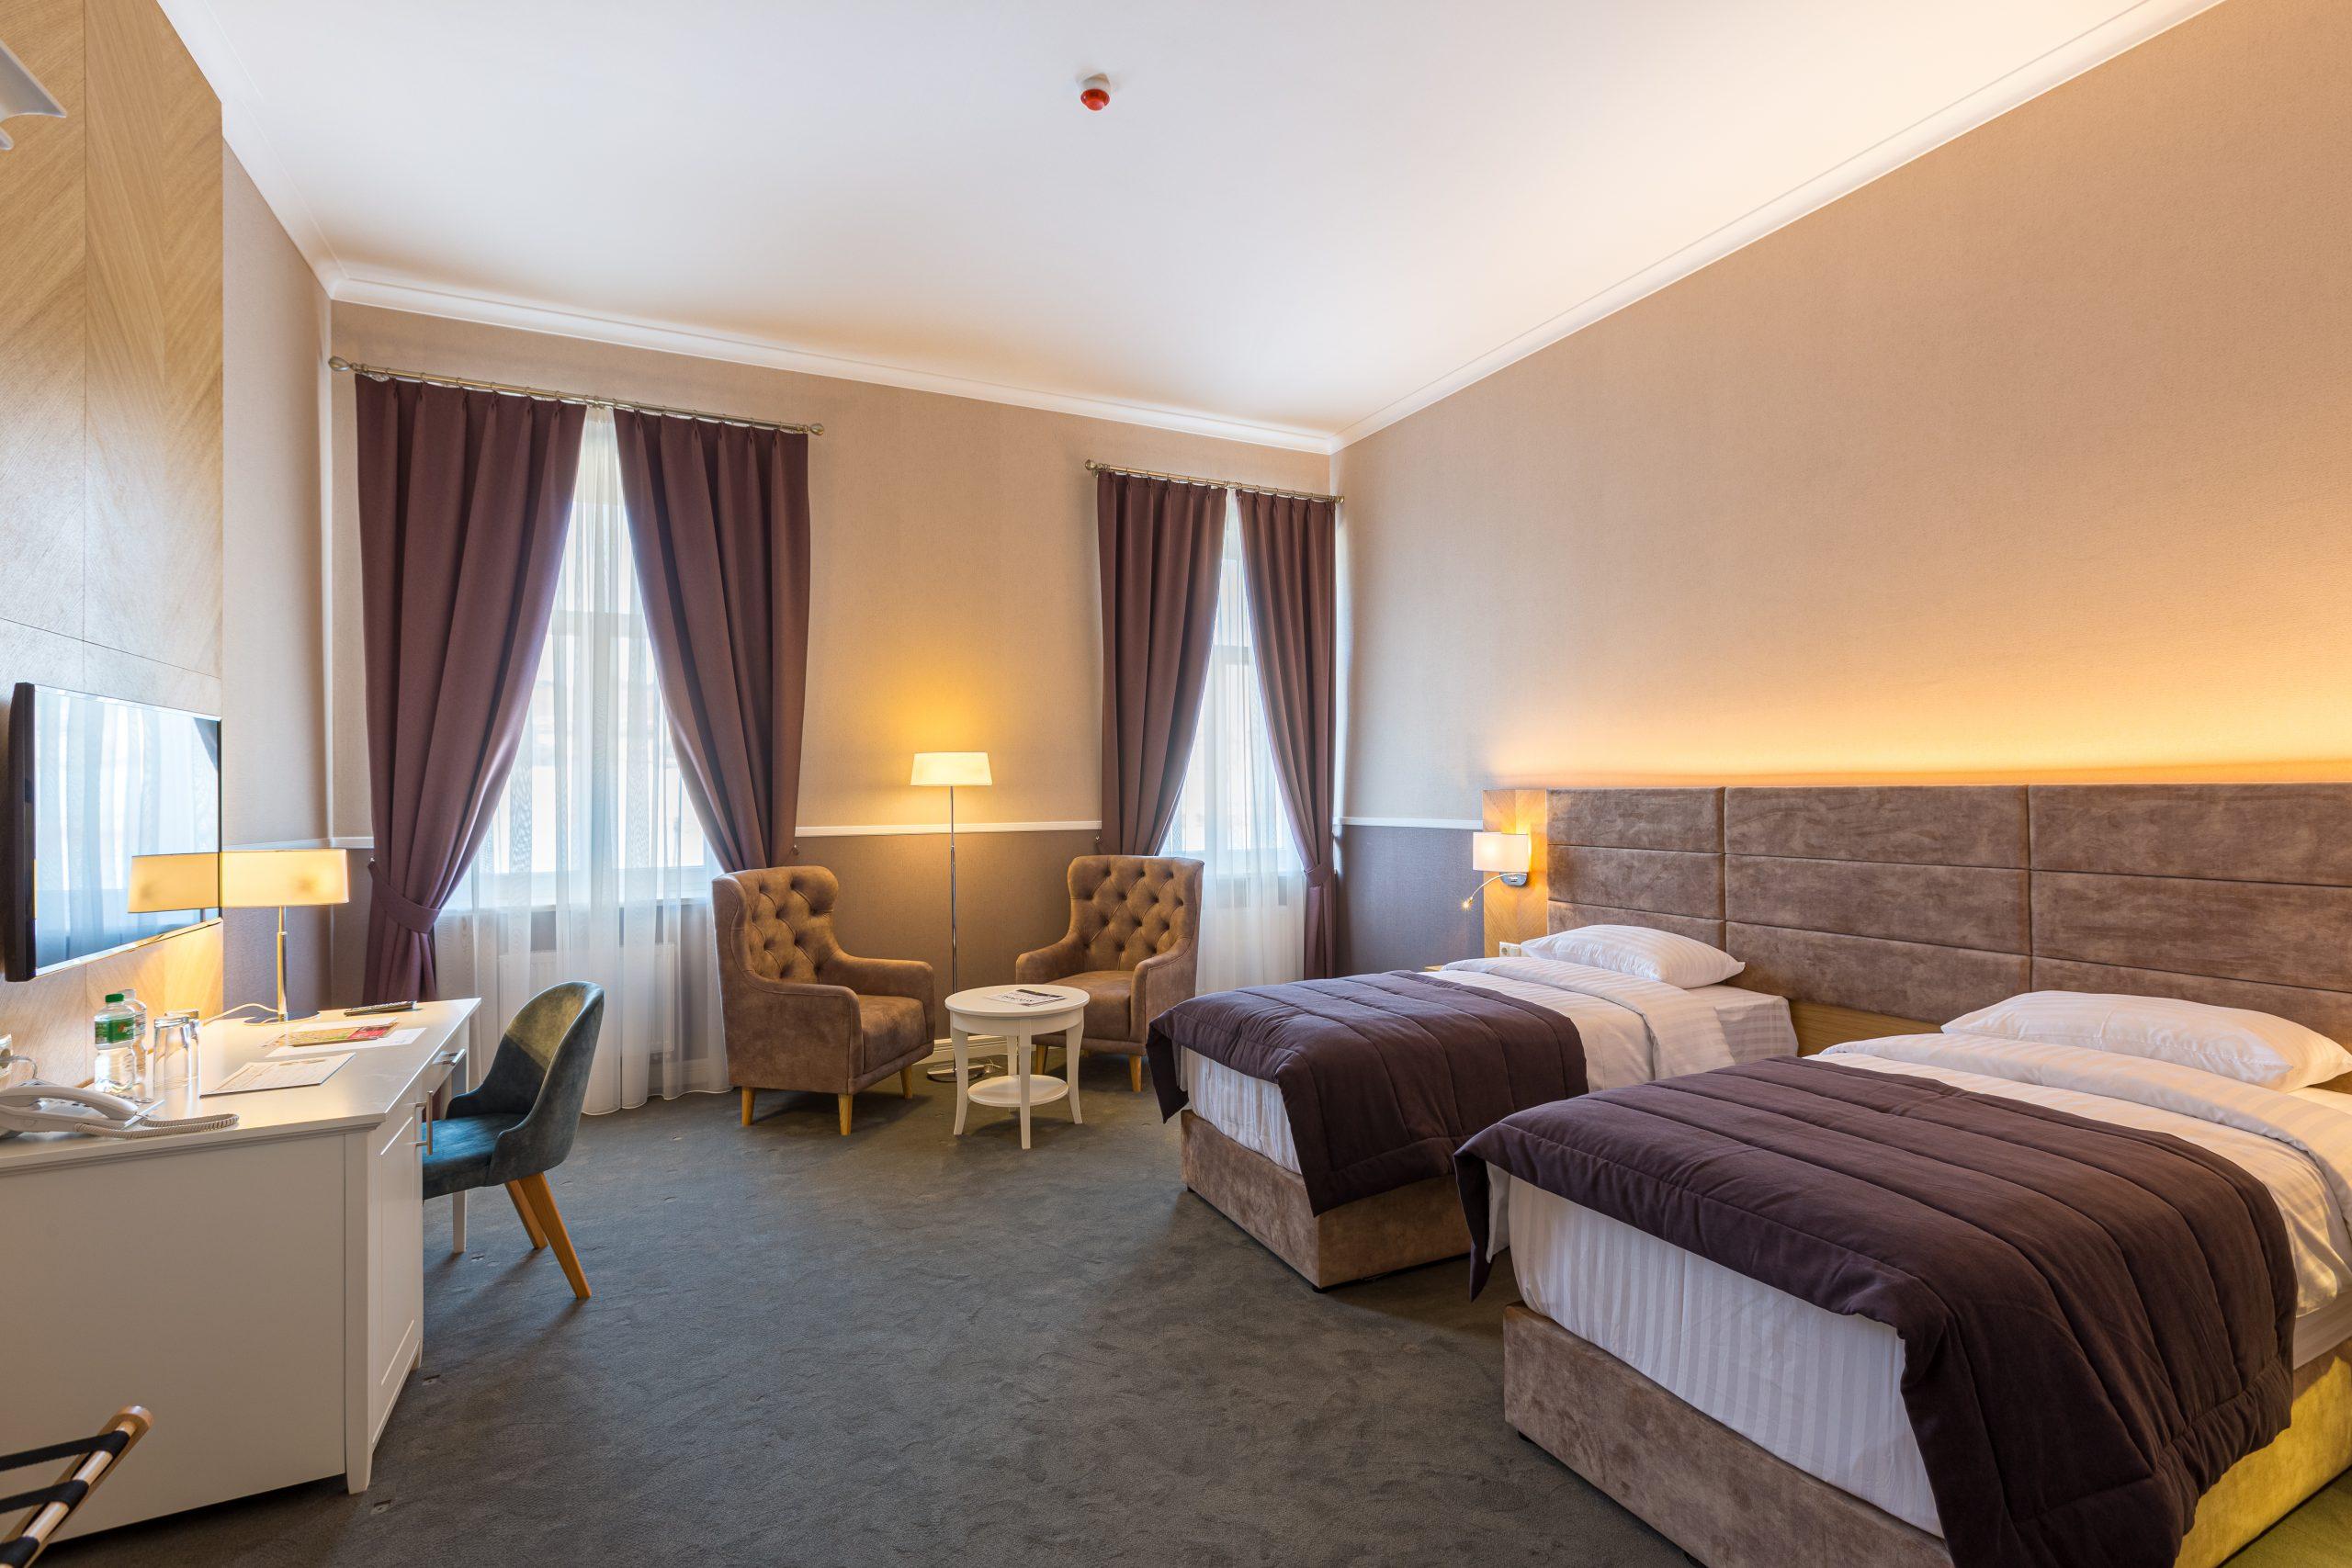 nowa -hotel hotel zur pacht frankfurt am main